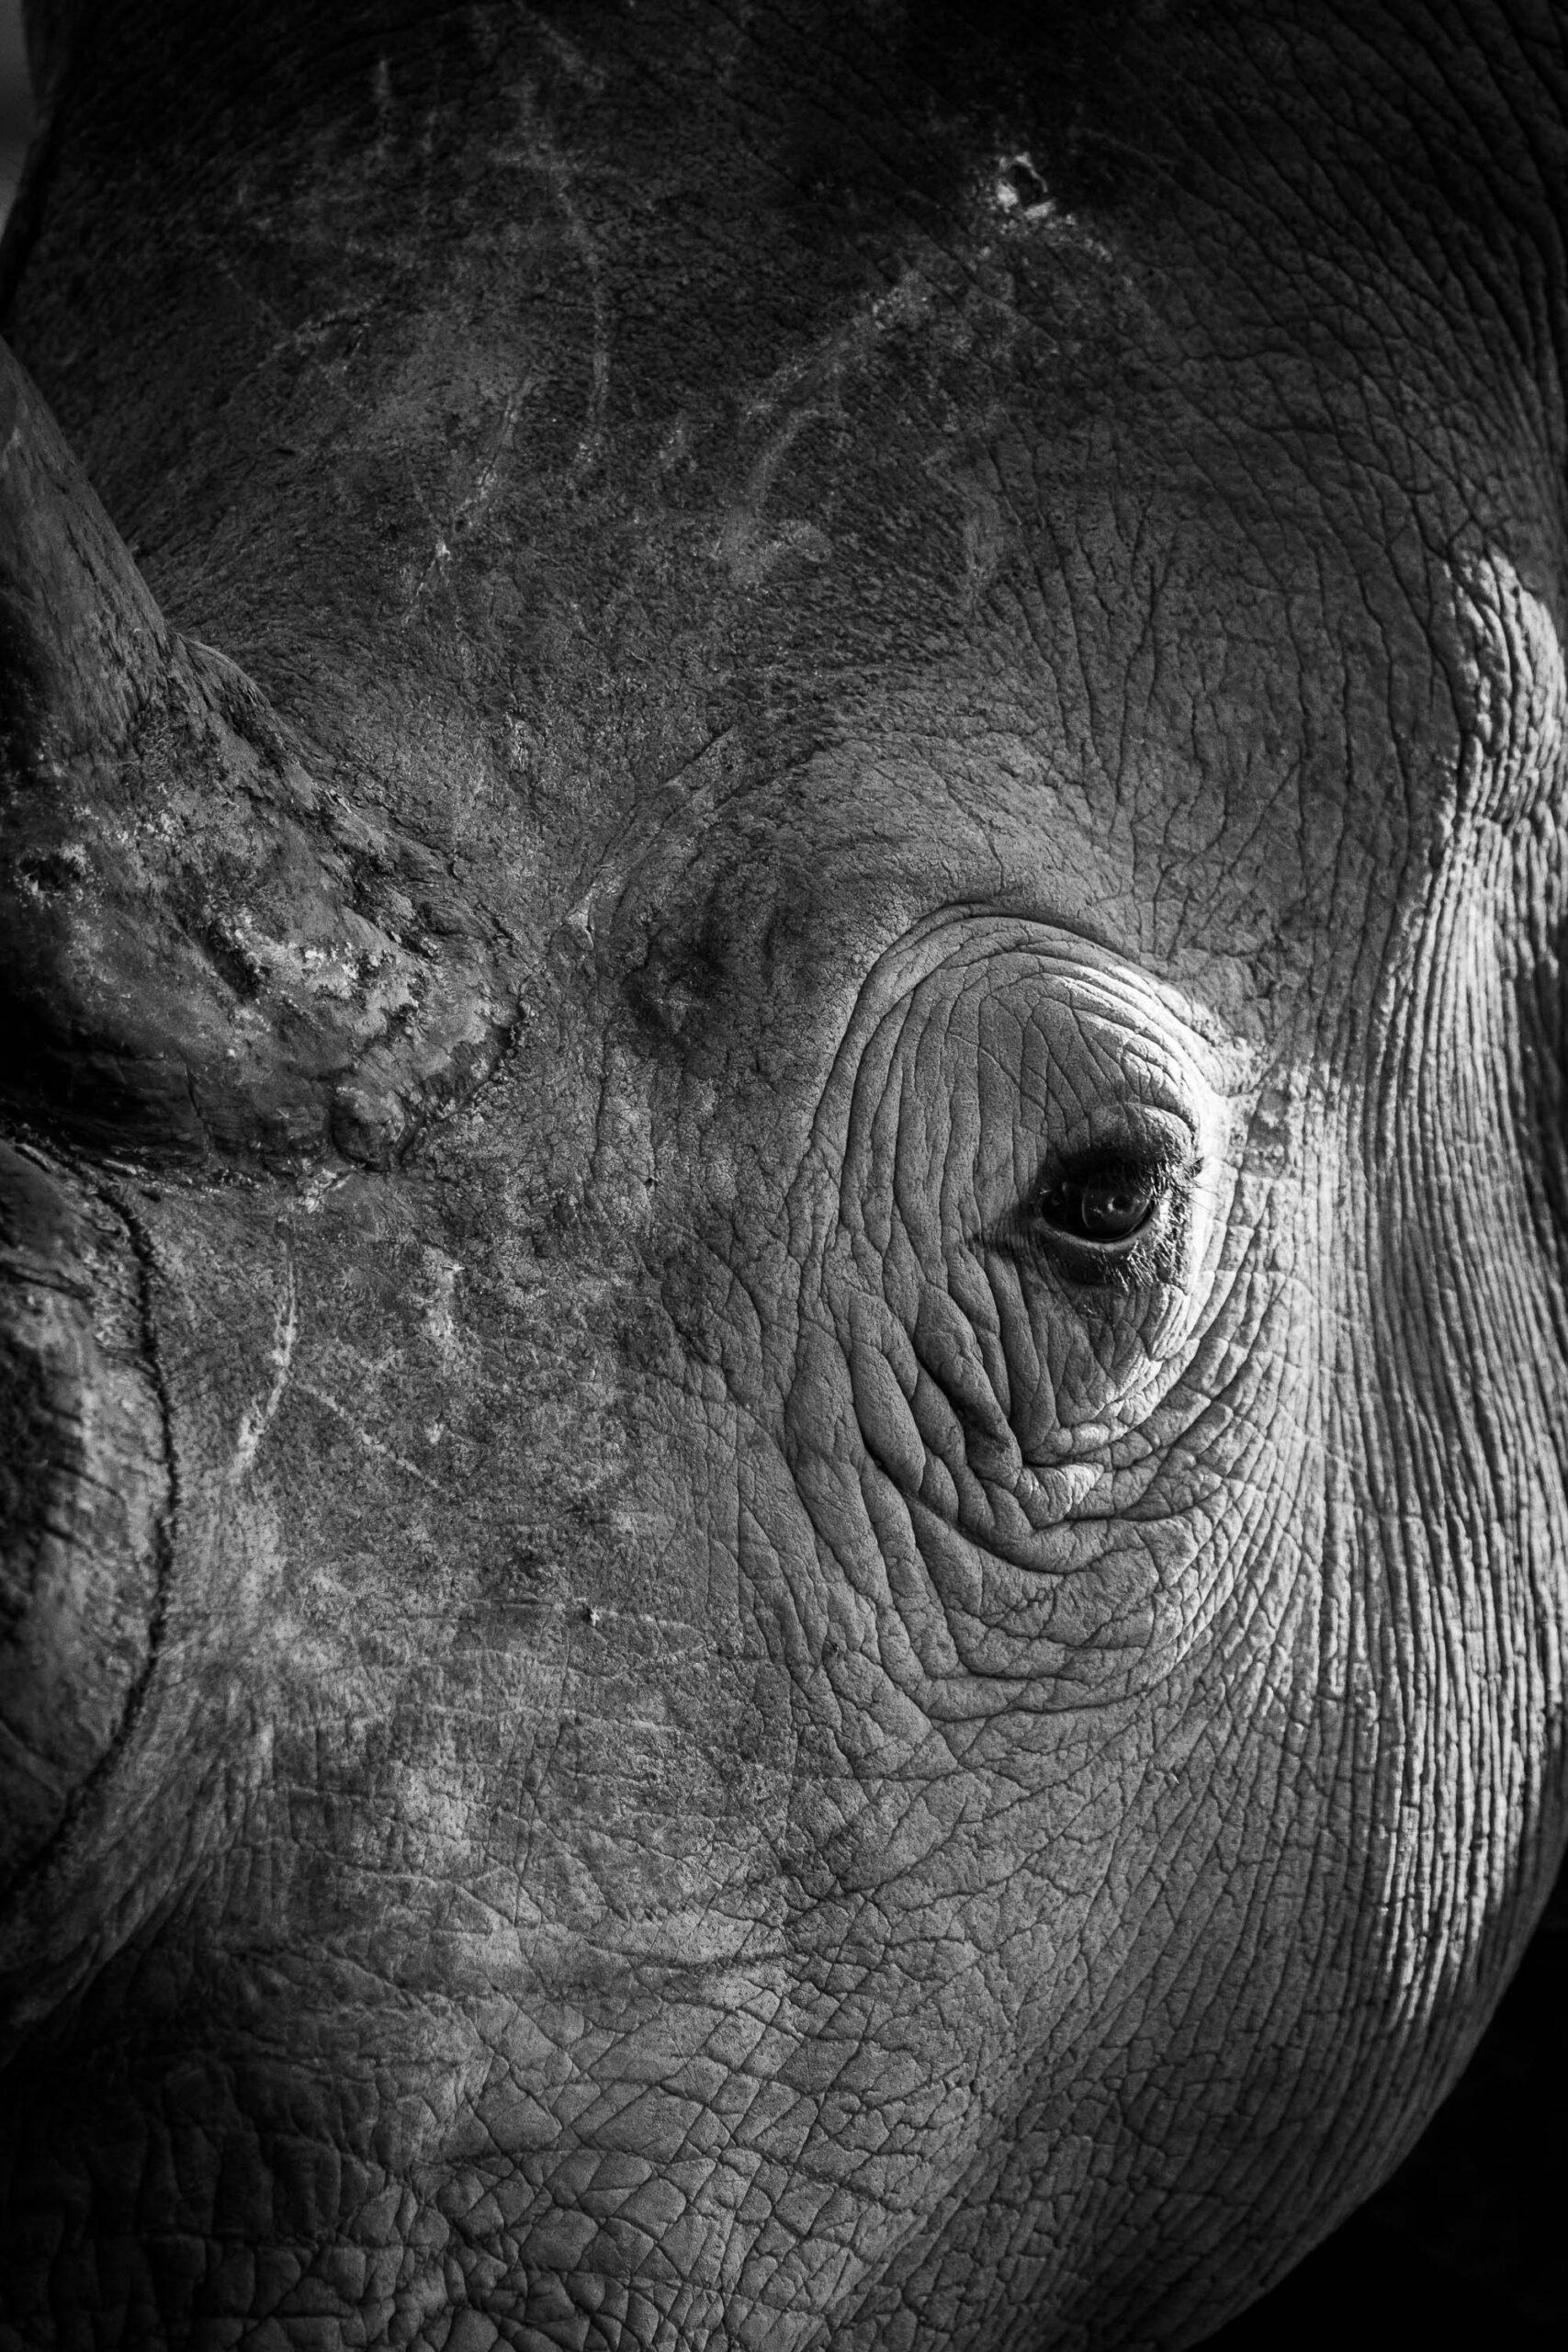 http://RhinoPortrait